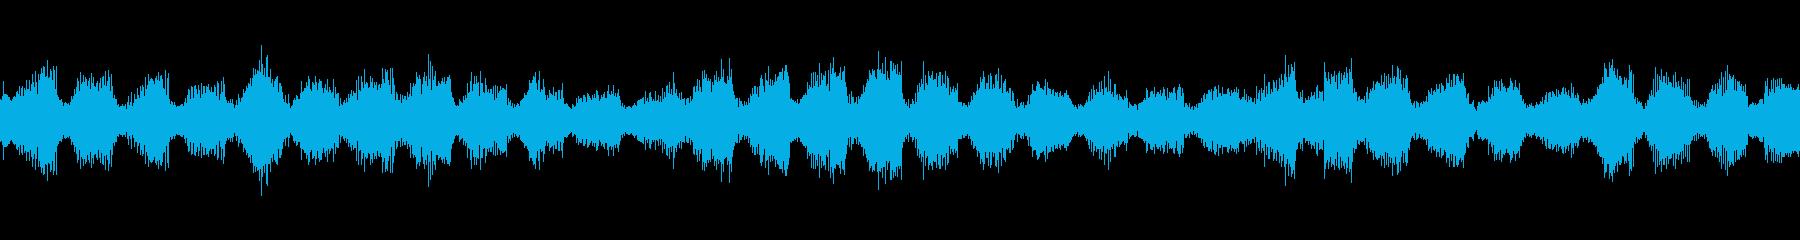 【ループ1】旅行リゾート 海 リラックスの再生済みの波形